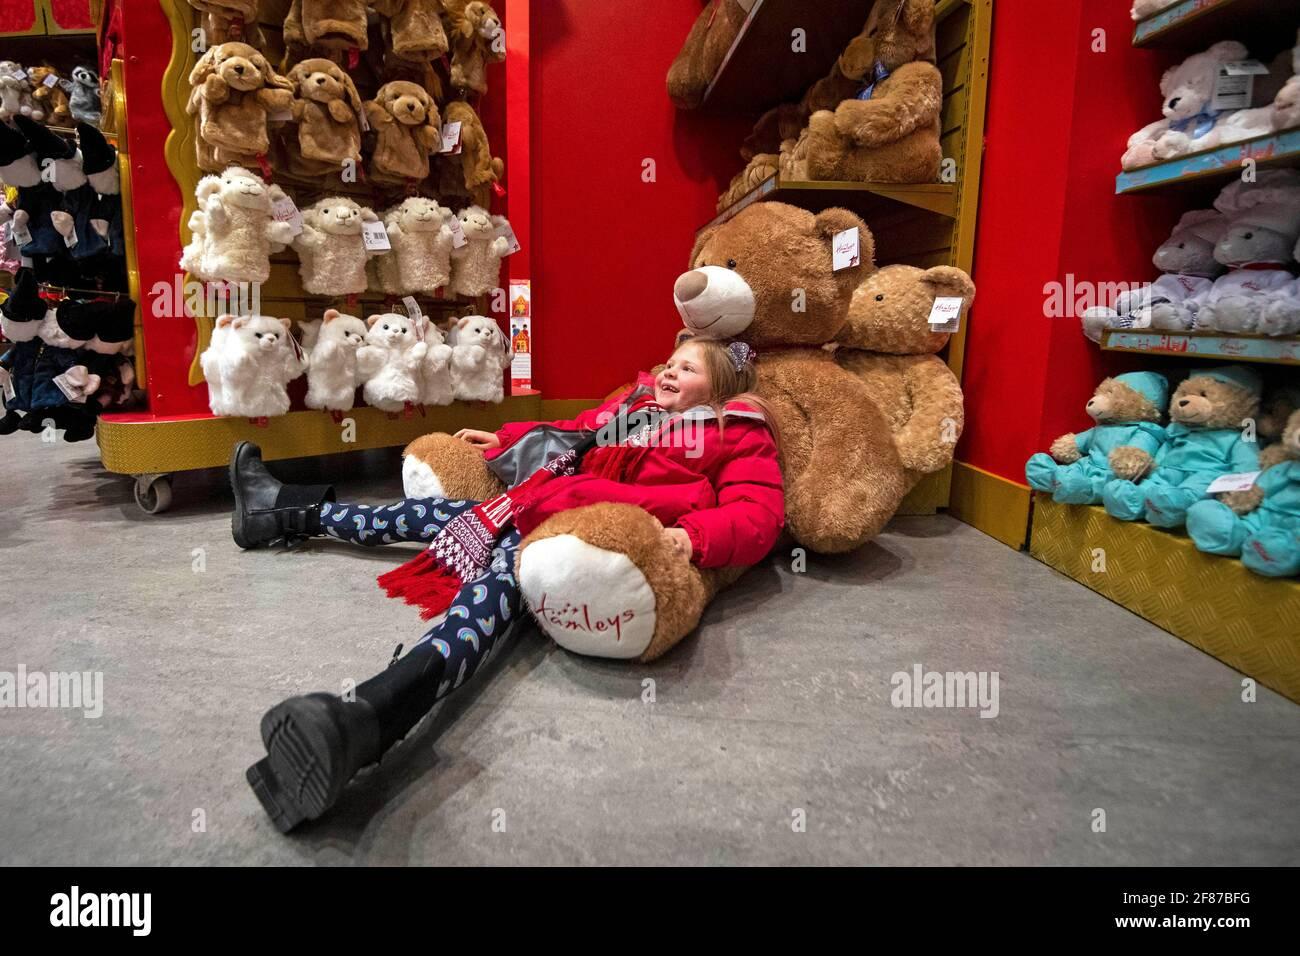 Lyla Stevens-Pierce, âgée de 7 ans, est assise sur un ours en peluche géant lors de la réouverture du magasin de jouets Hamleys à Regent Street, Londres, alors que l'Angleterre repart vers la normalité avec l'assouplissement supplémentaire des restrictions de verrouillage. Date de la photo: Lundi 12 avril 2021. Banque D'Images